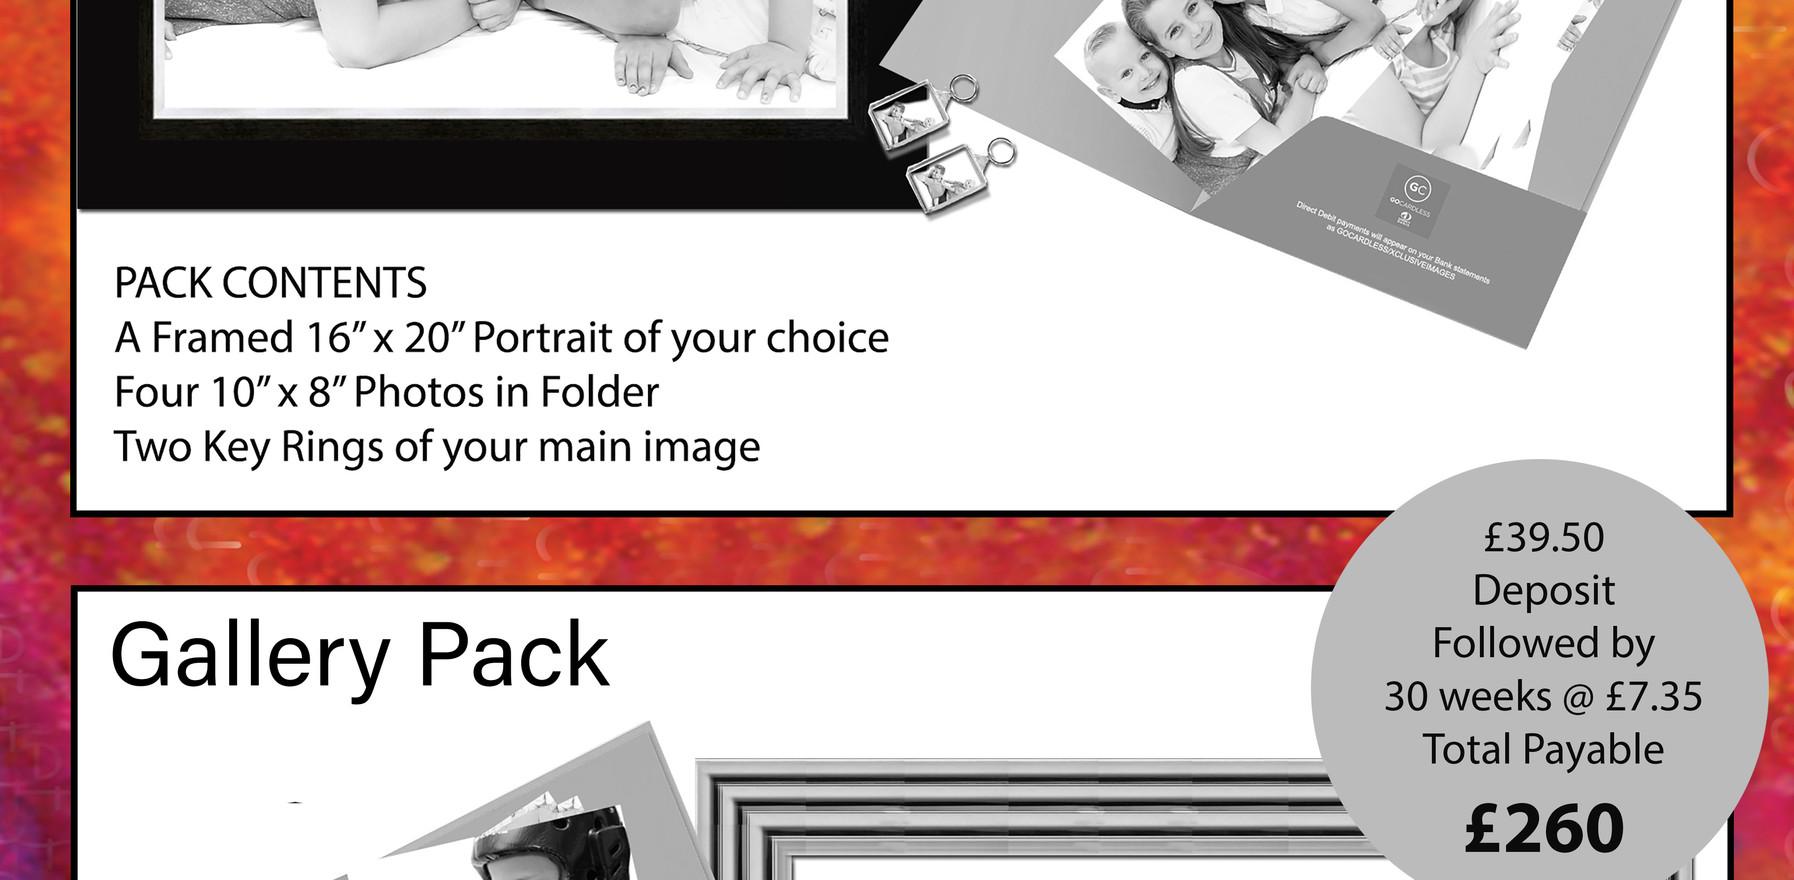 Family & Gallery Packs